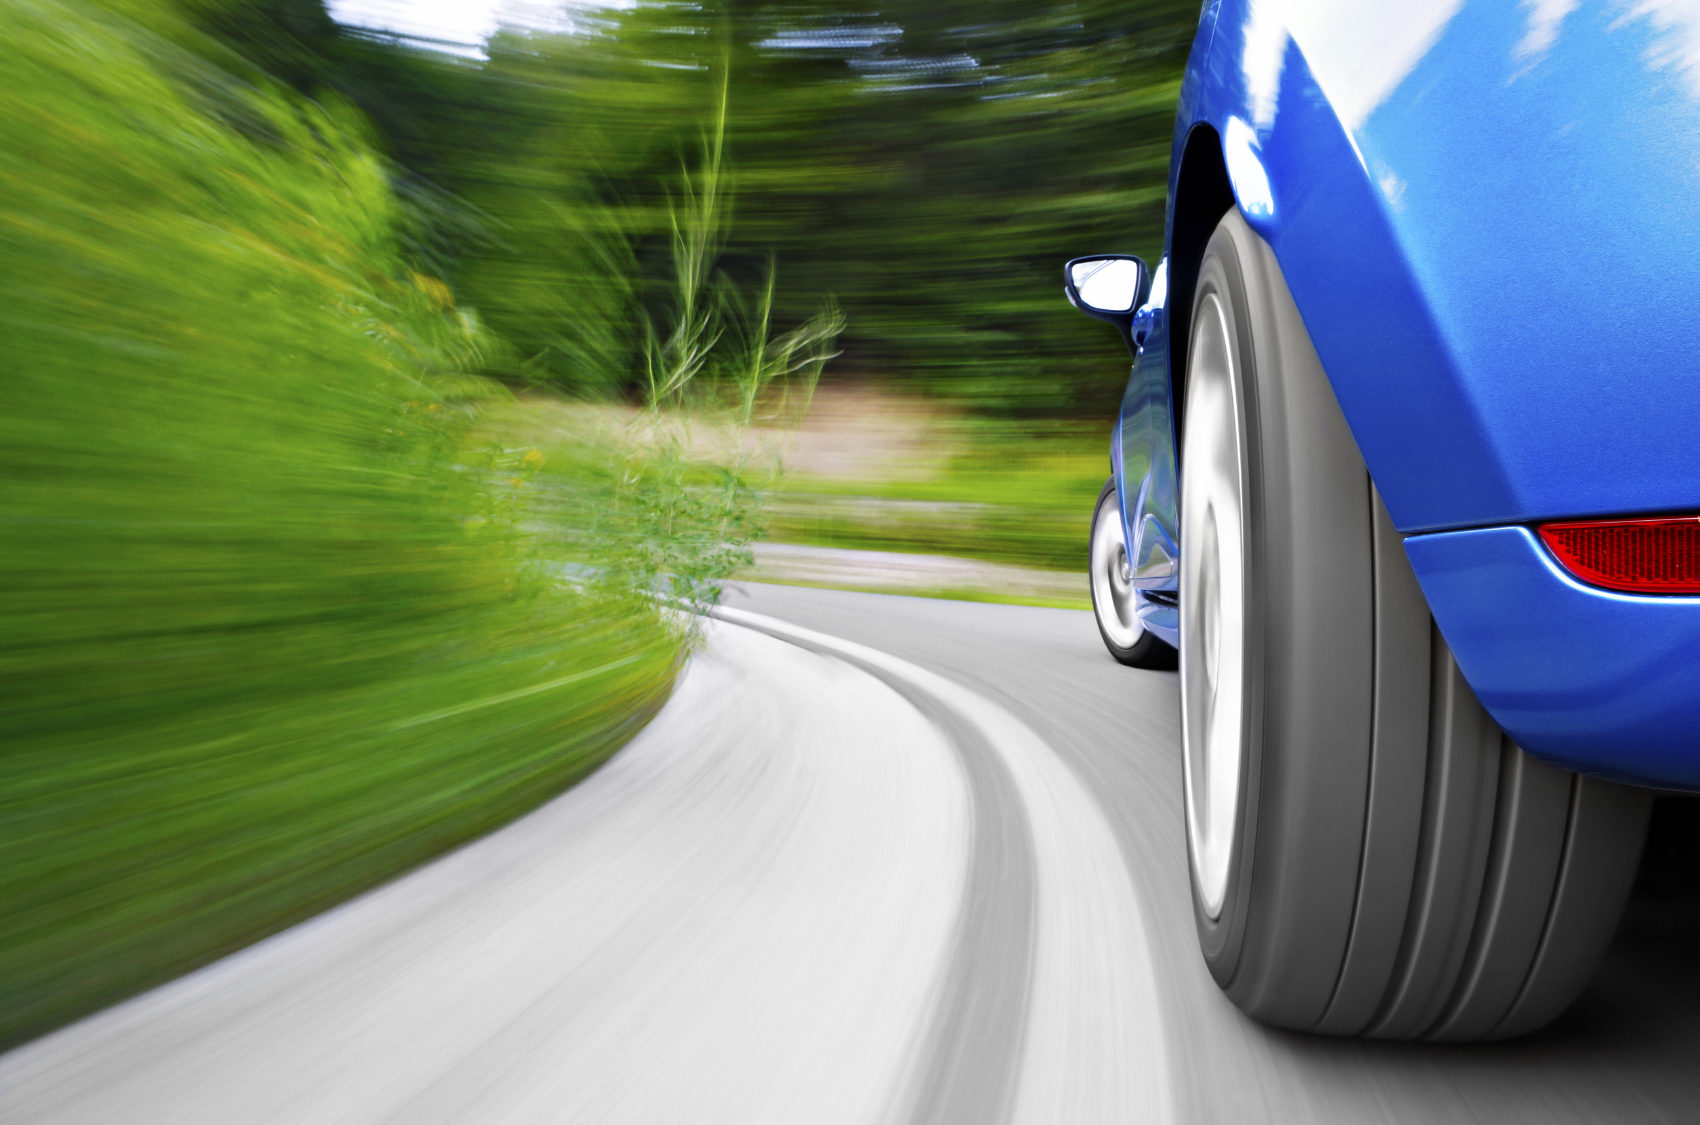 A segurança começa nos pneus | Já verificou os seus pneus hoje?